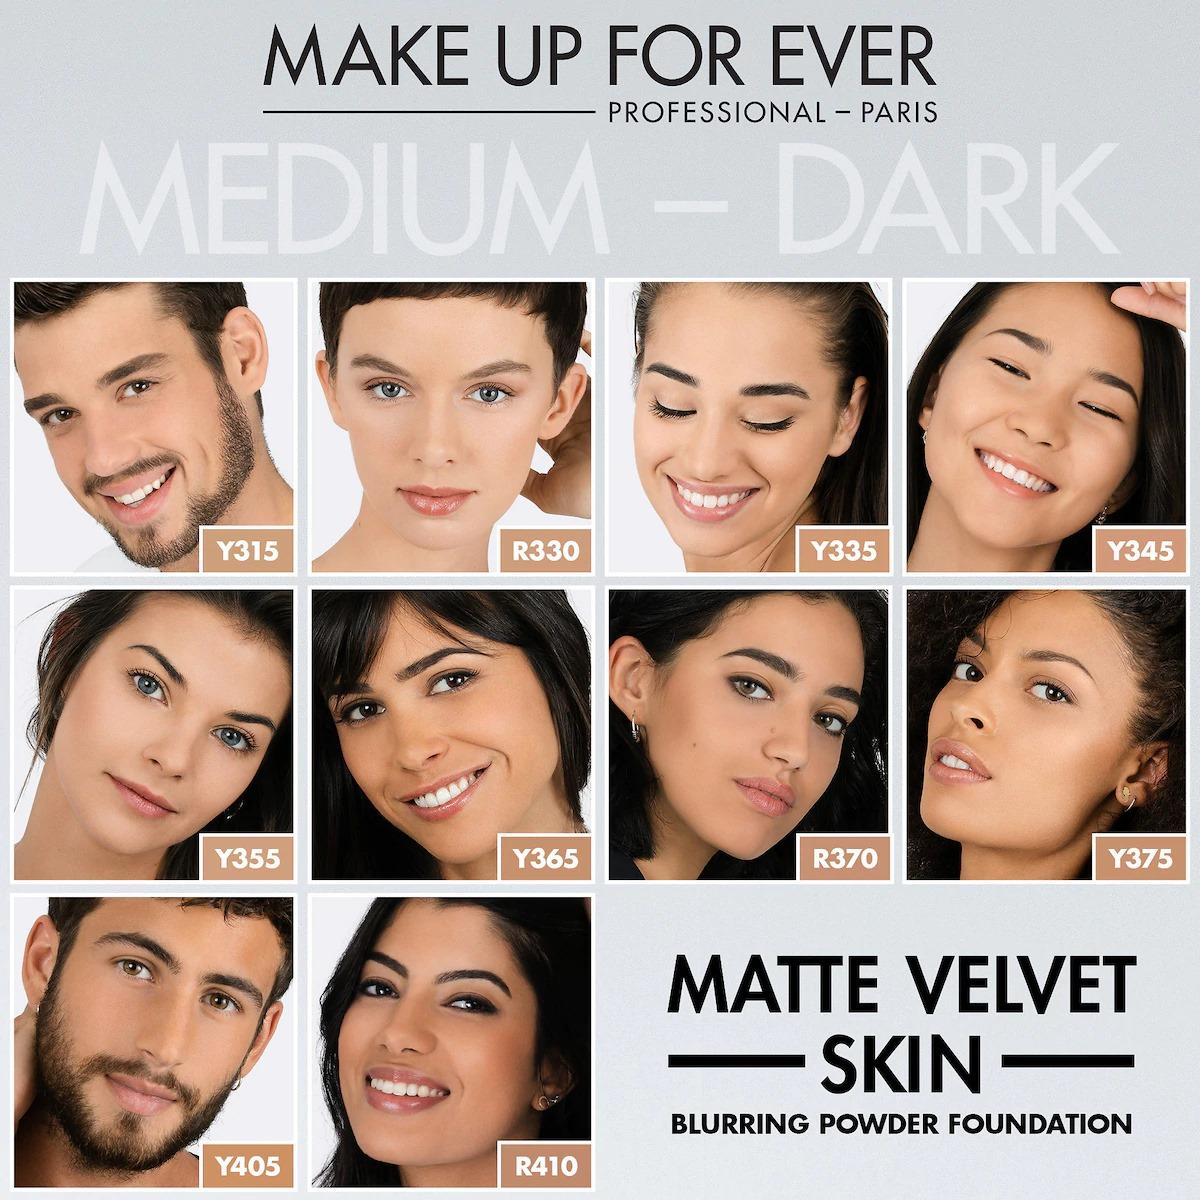 Phấn nền Matte Velvet Skin Blurring Powder Foundation của MAKE UP FOR EVER 2